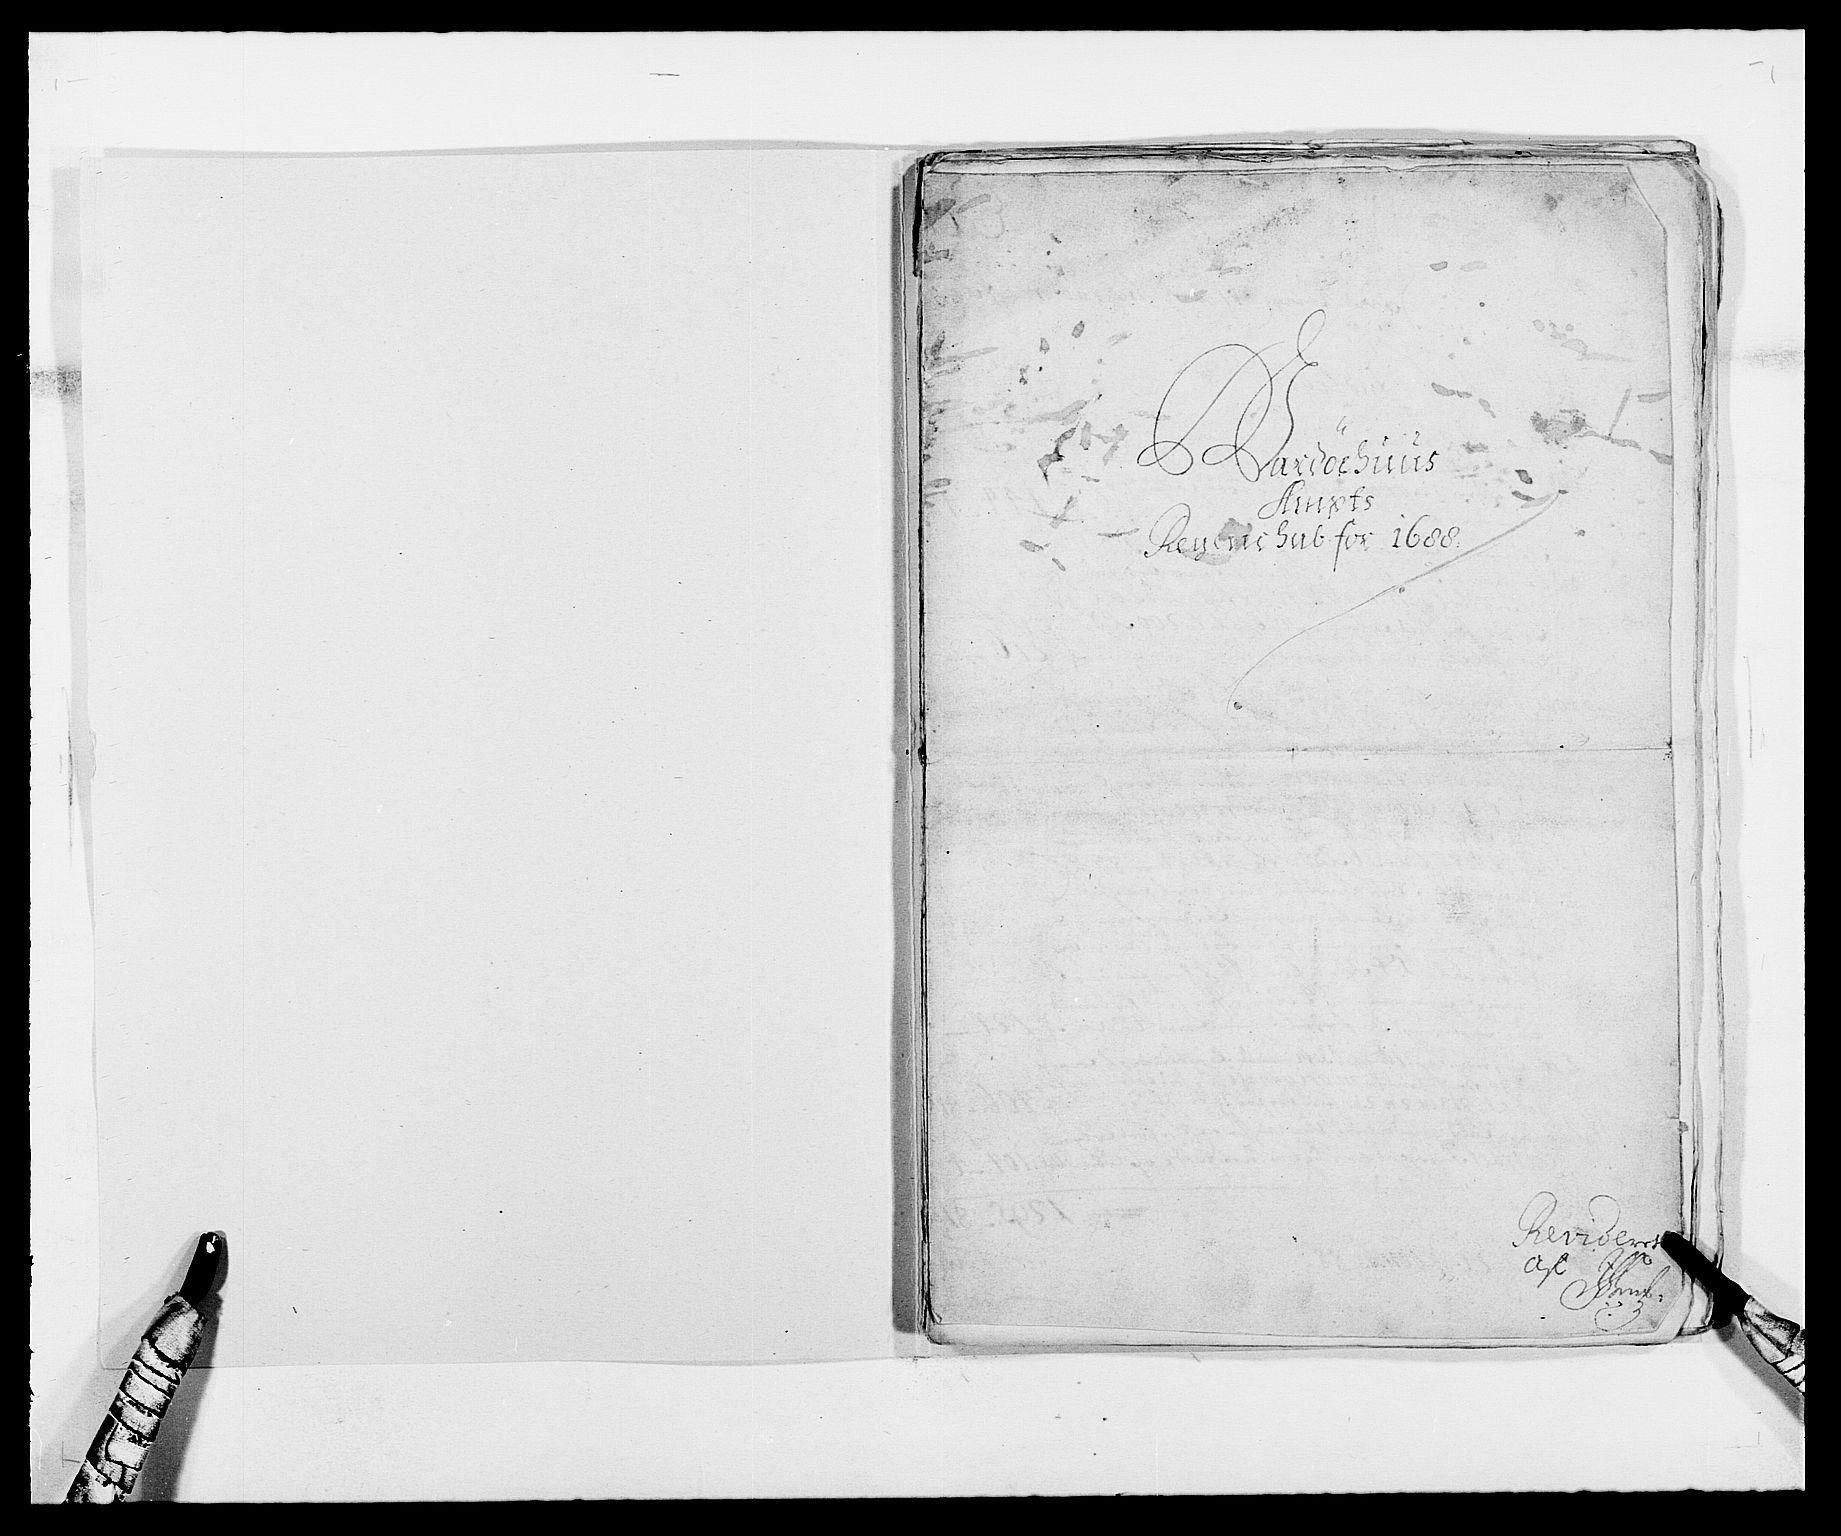 RA, Rentekammeret inntil 1814, Reviderte regnskaper, Fogderegnskap, R69/L4850: Fogderegnskap Finnmark/Vardøhus, 1680-1690, s. 73